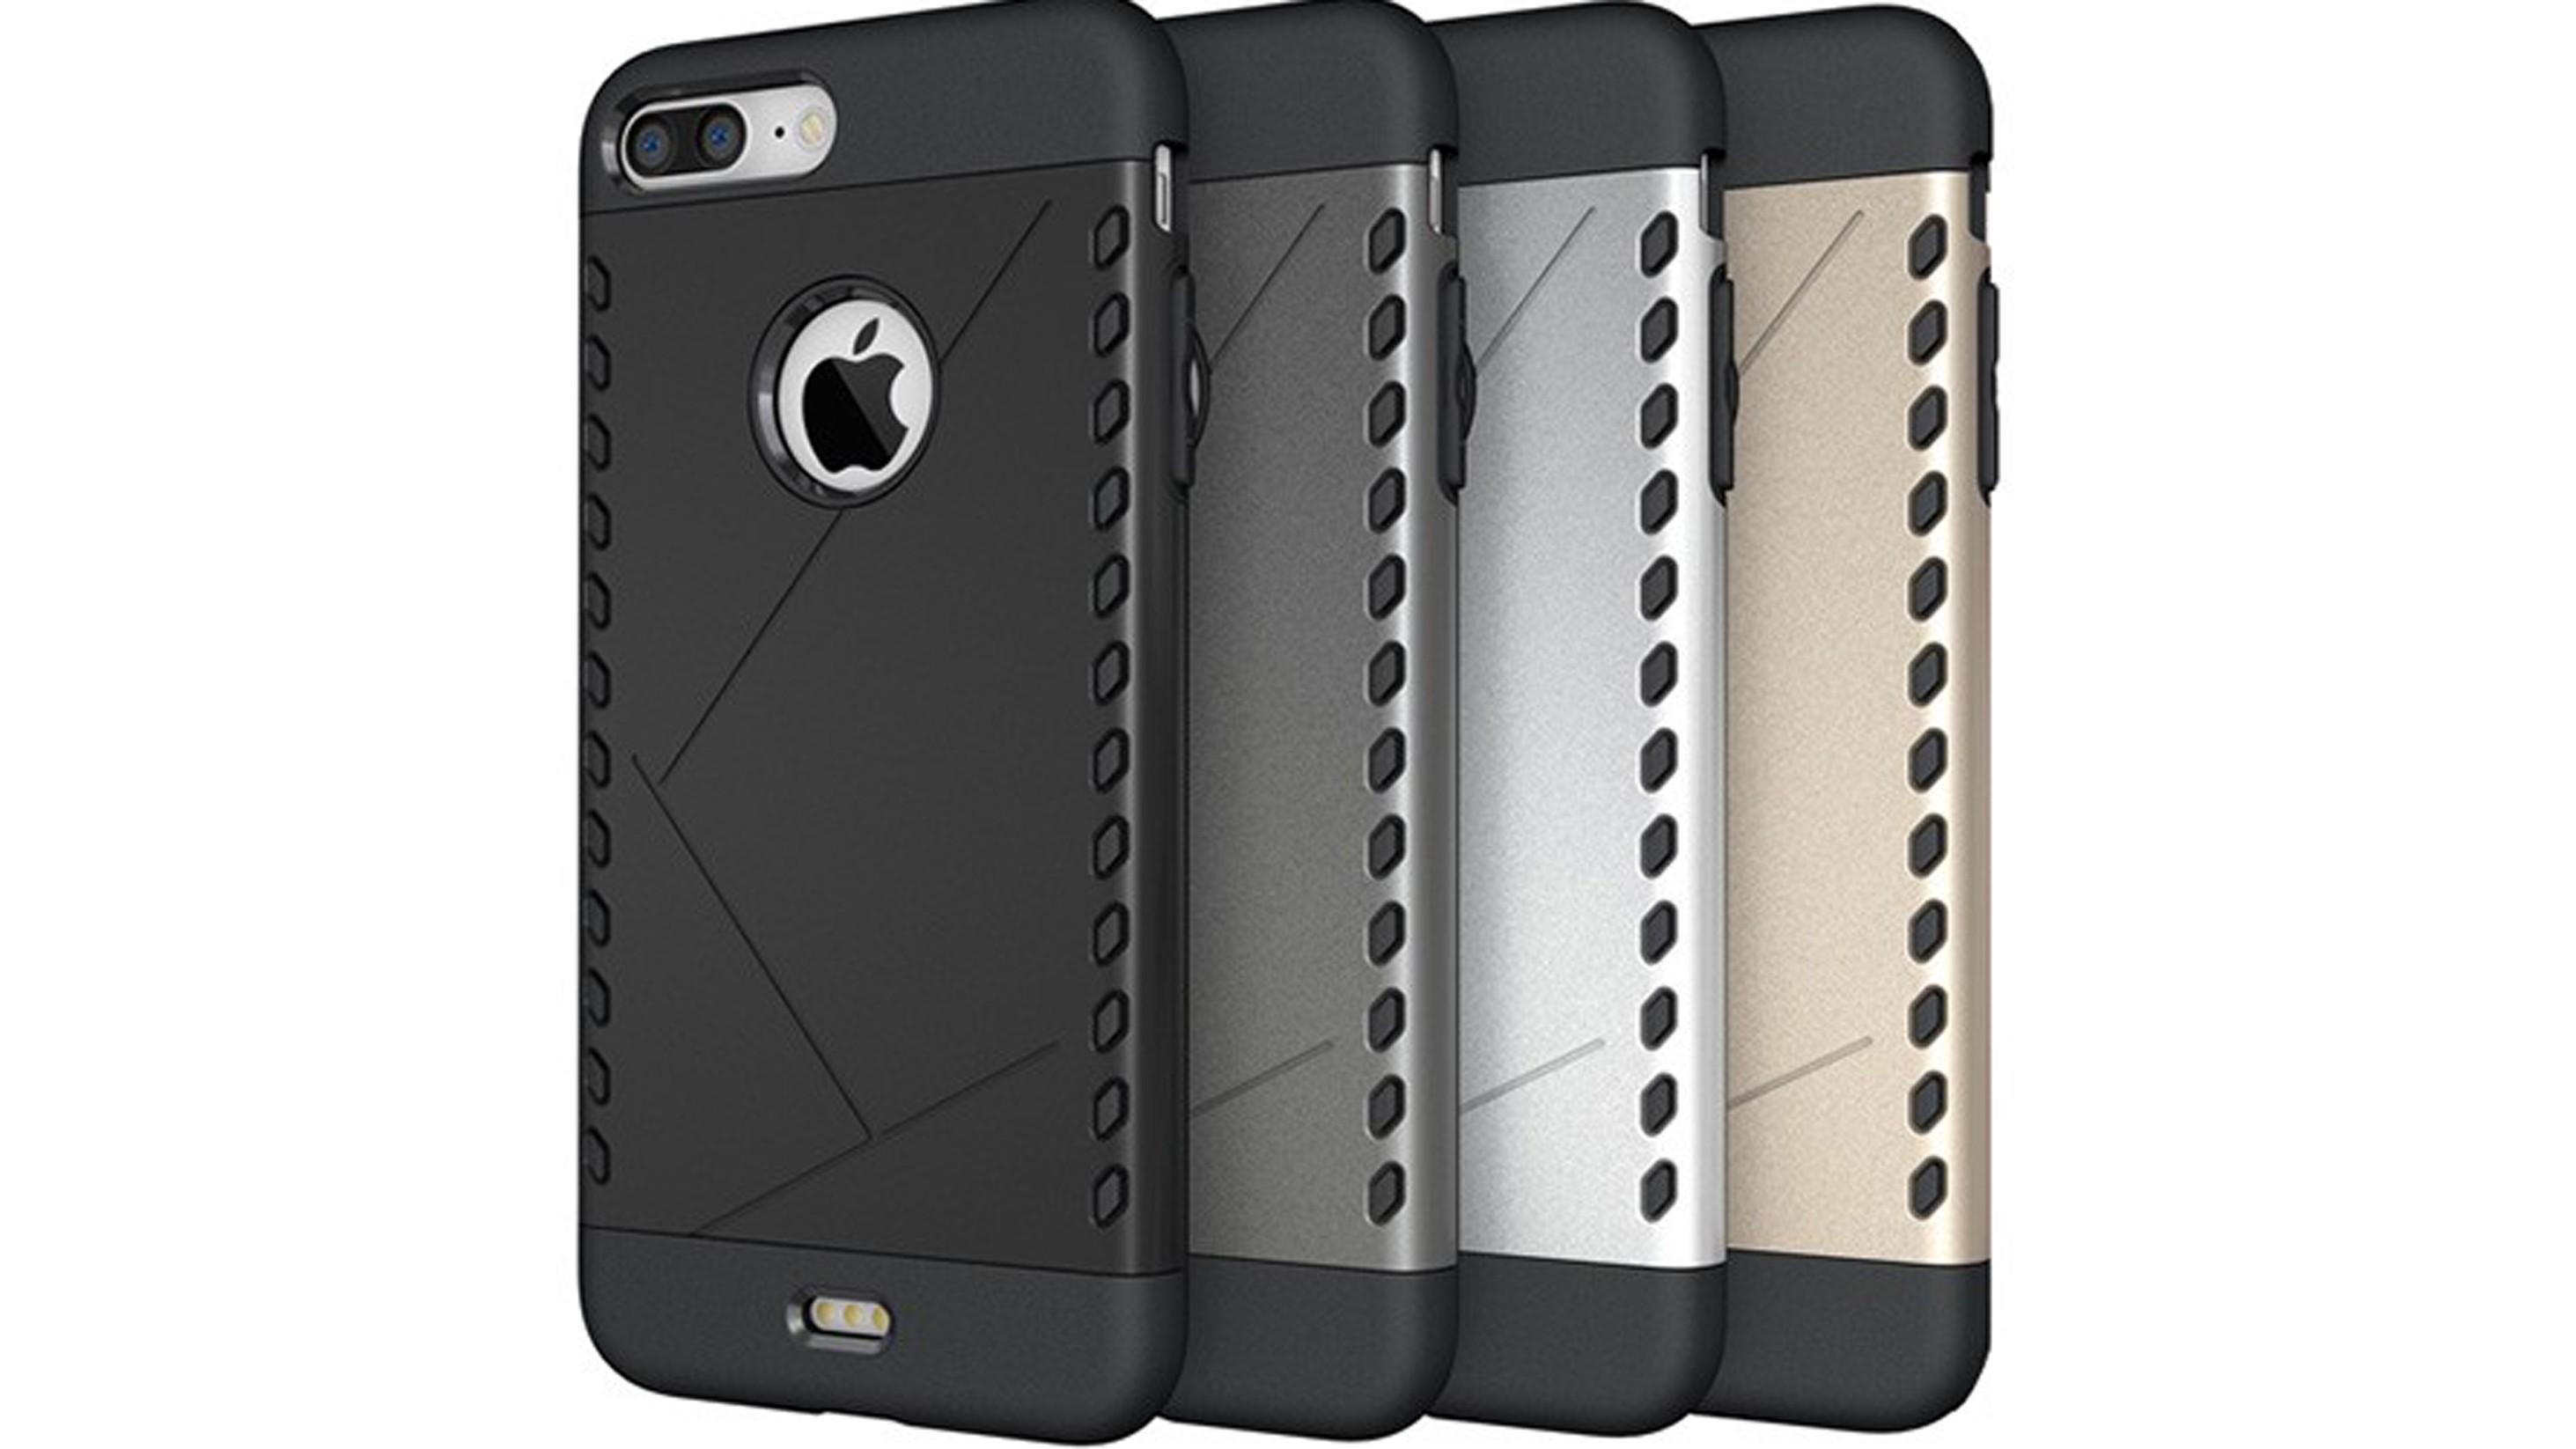 ip7plus 2 - Lộ cấu hình chi tiết iPhone 7 và iPhone 7 Plus